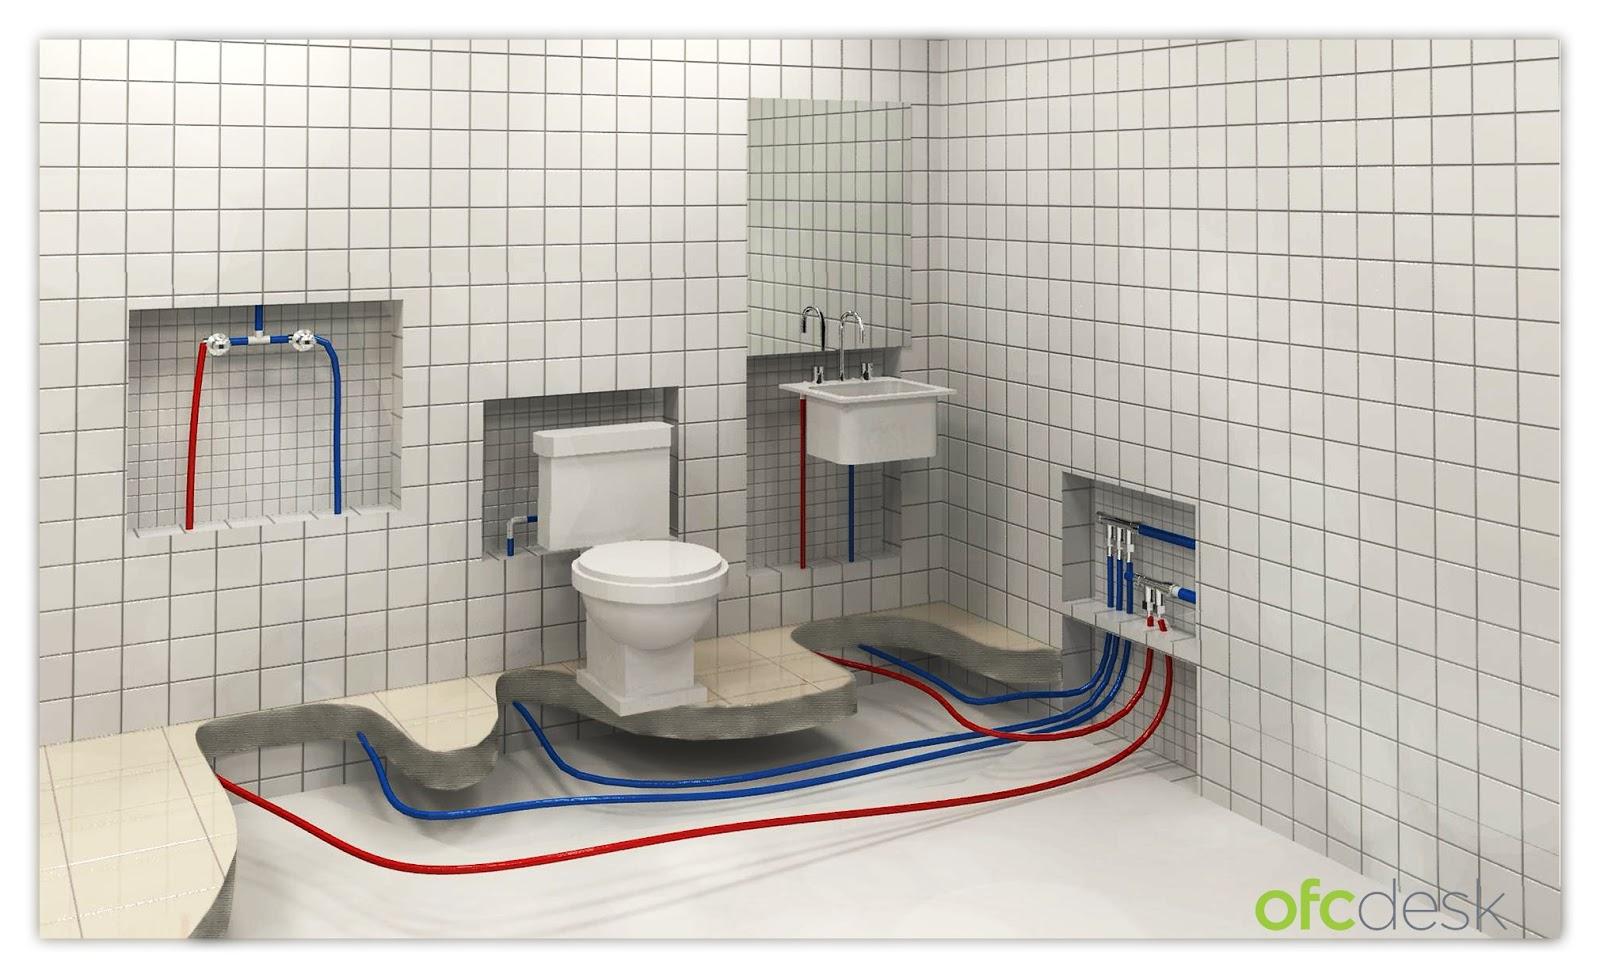 Como projetar corretamente um sistema hidráulico com tubulações  #A92522 1600 978